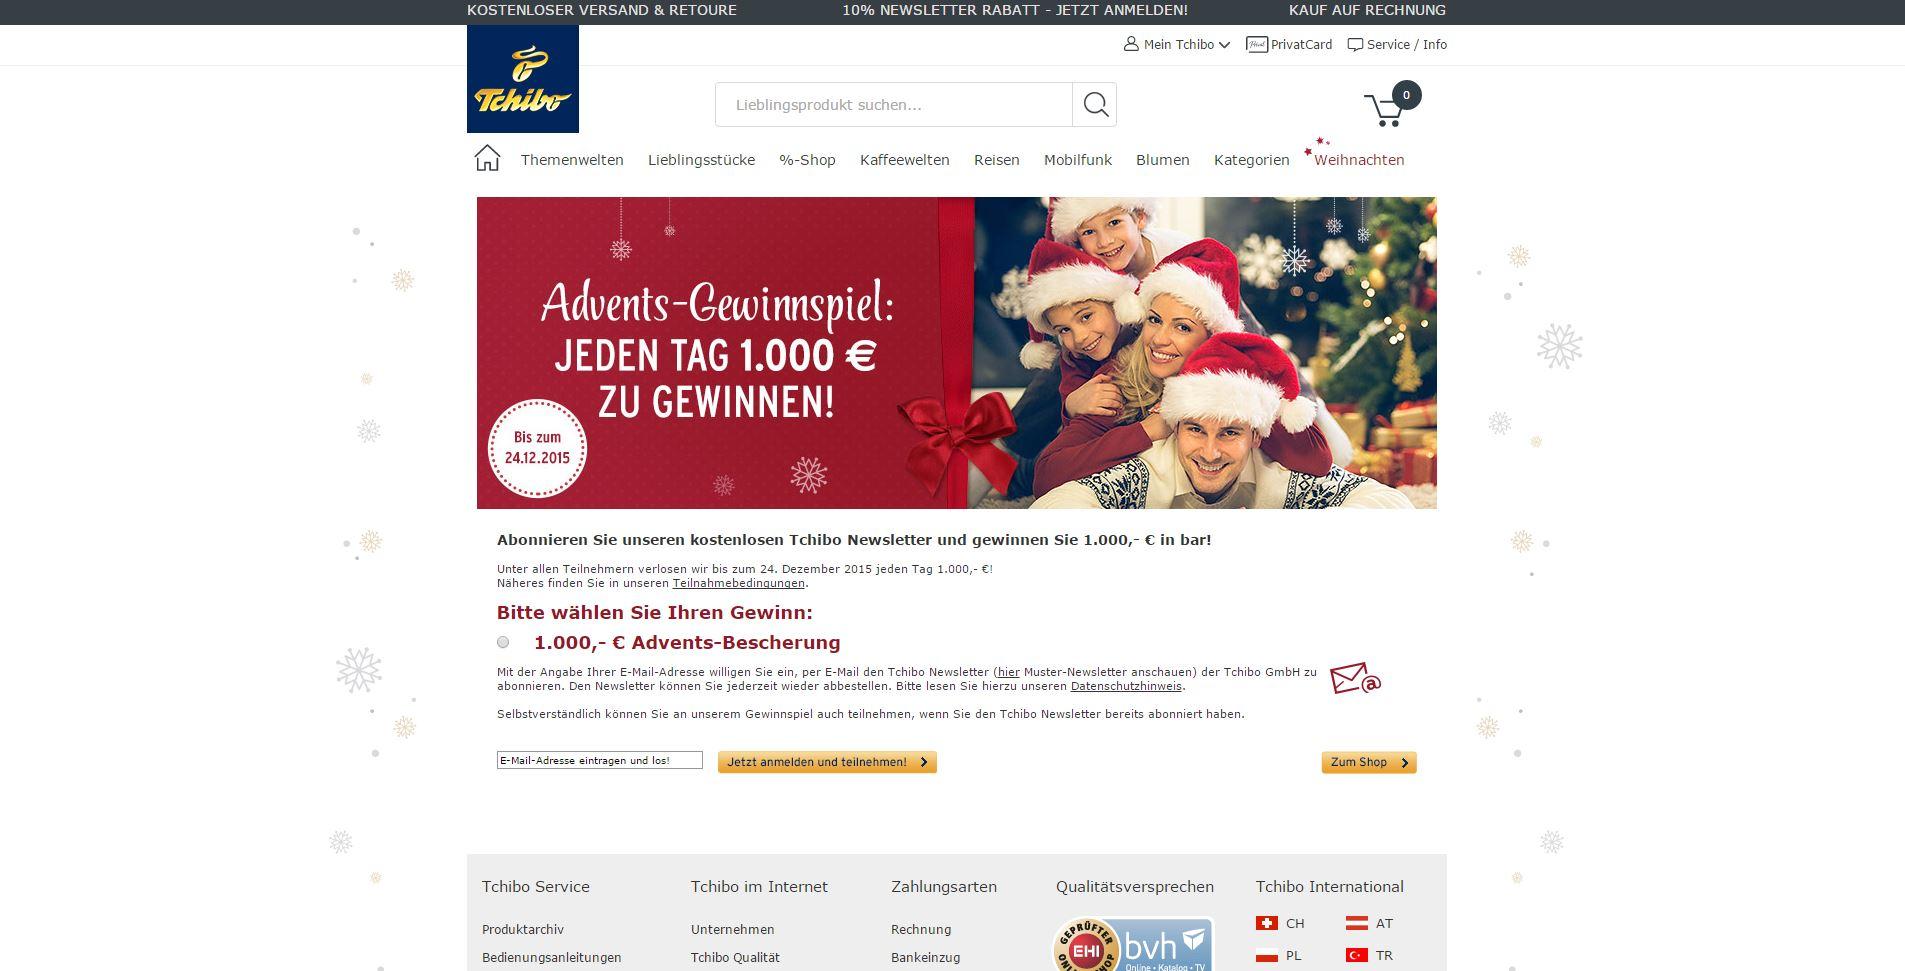 tchibo adventskalender online adventskalender bargeld gewinnspiel tchibo newsletter. Black Bedroom Furniture Sets. Home Design Ideas